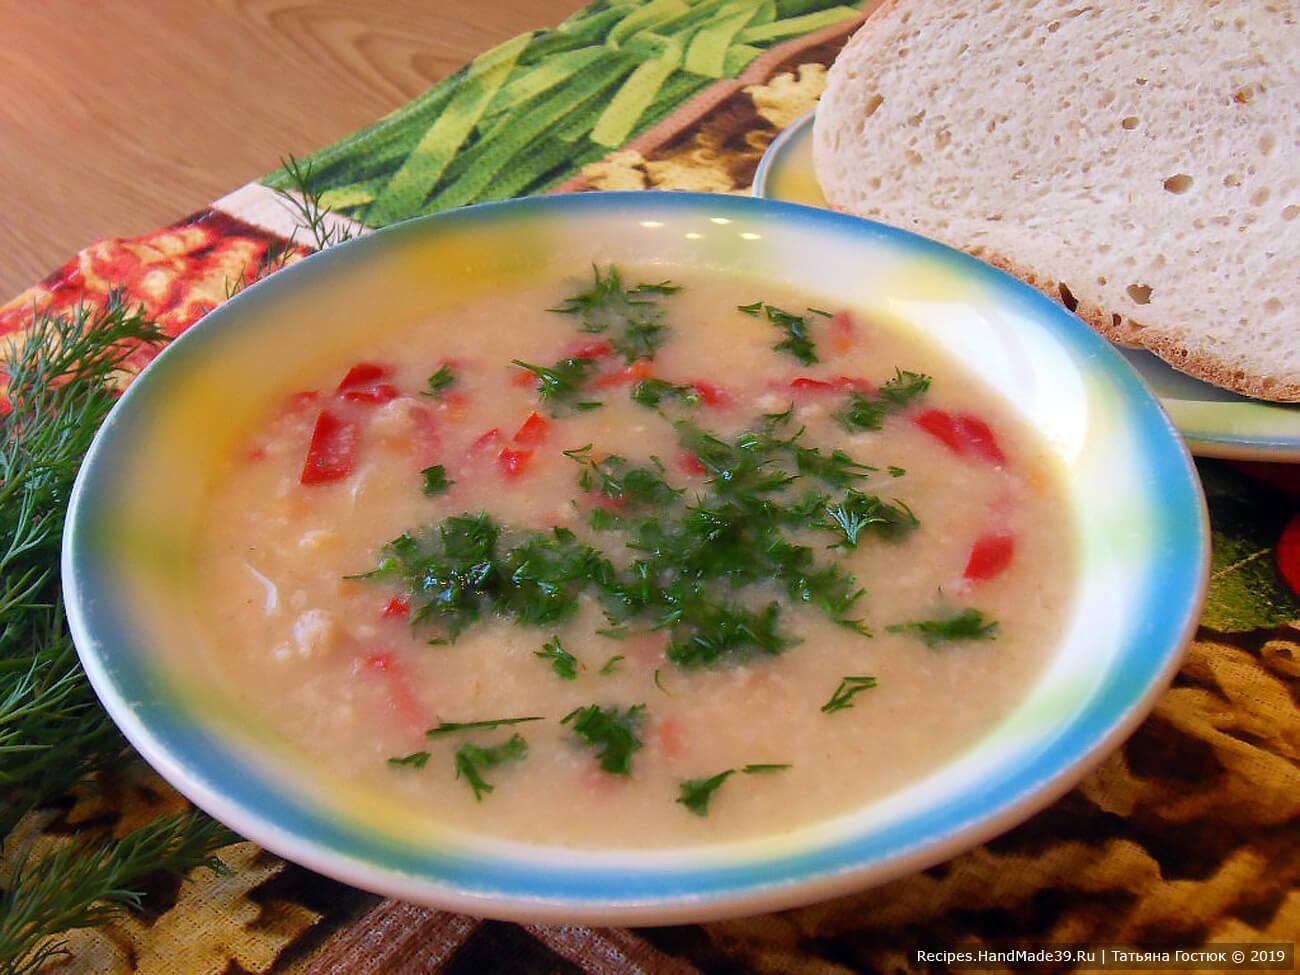 Если добавить больше яично-мучной смеси, то наш суп «Затируха» получится более густым. Приятного аппетита!